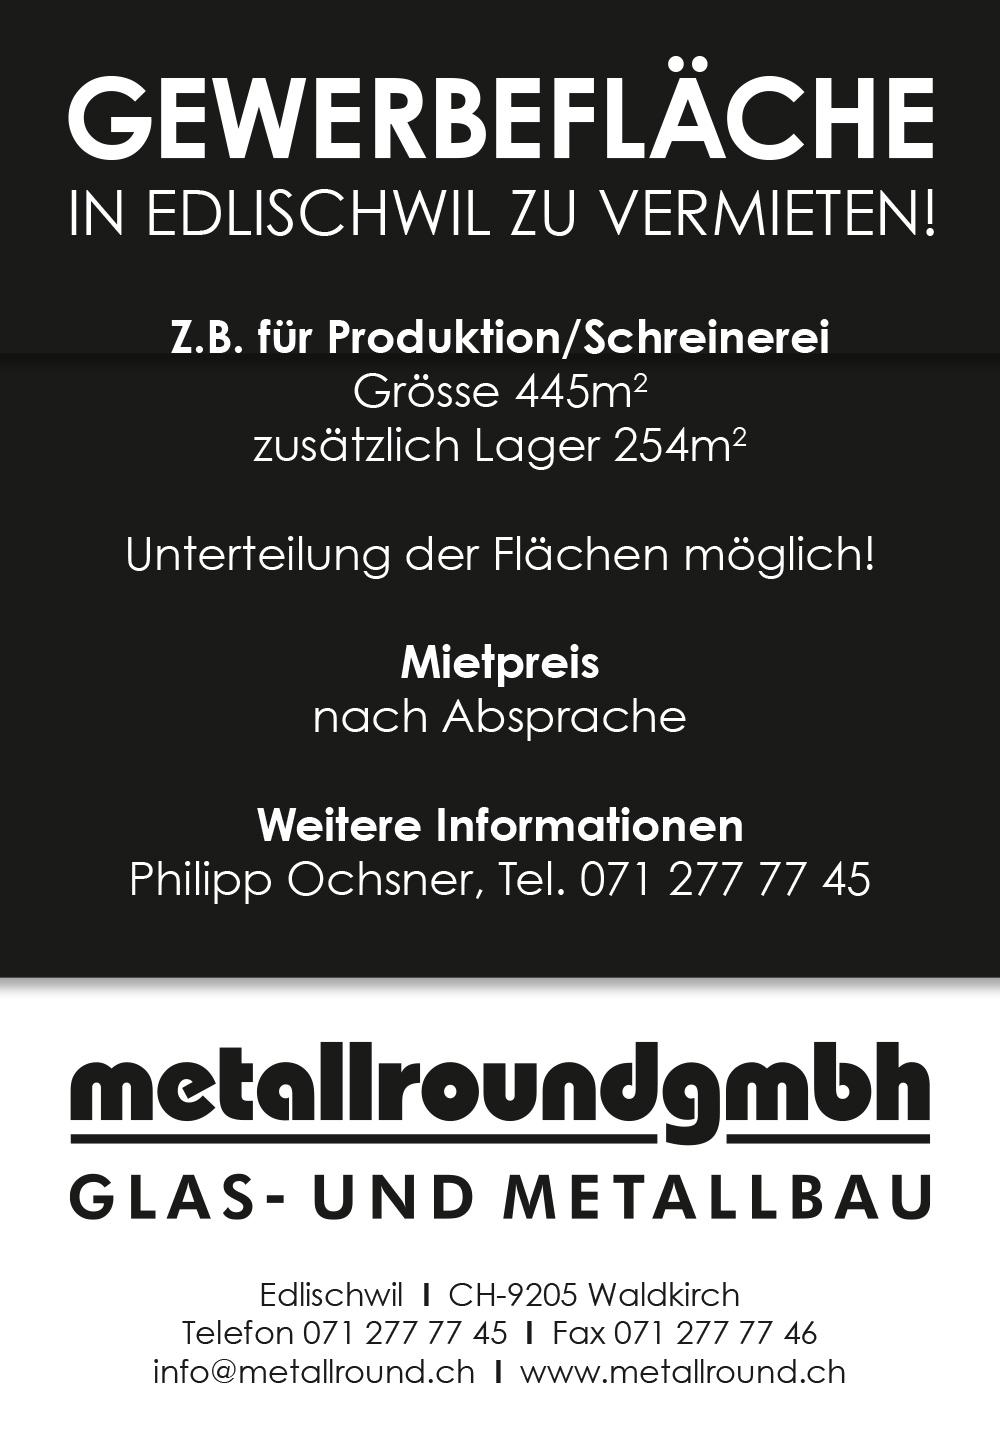 metallround_Gewerbeflaeche